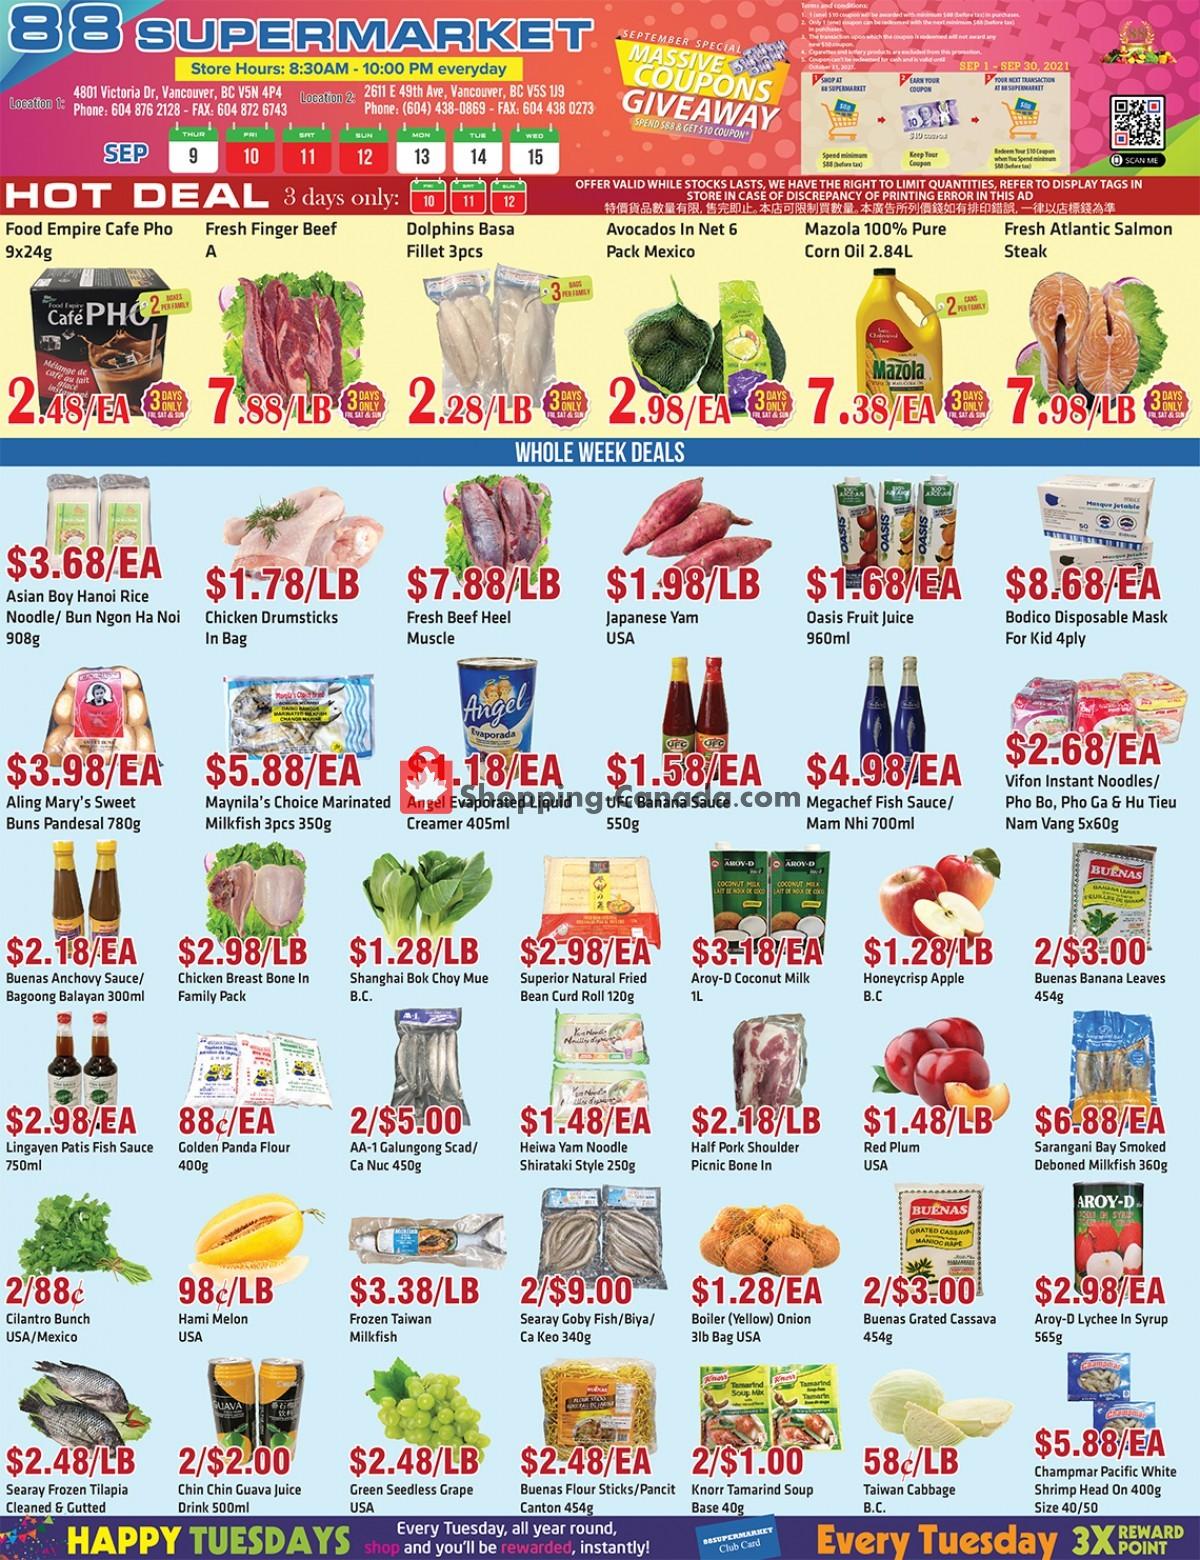 Flyer 88 Supermarket Canada - from Thursday September 9, 2021 to Wednesday September 15, 2021